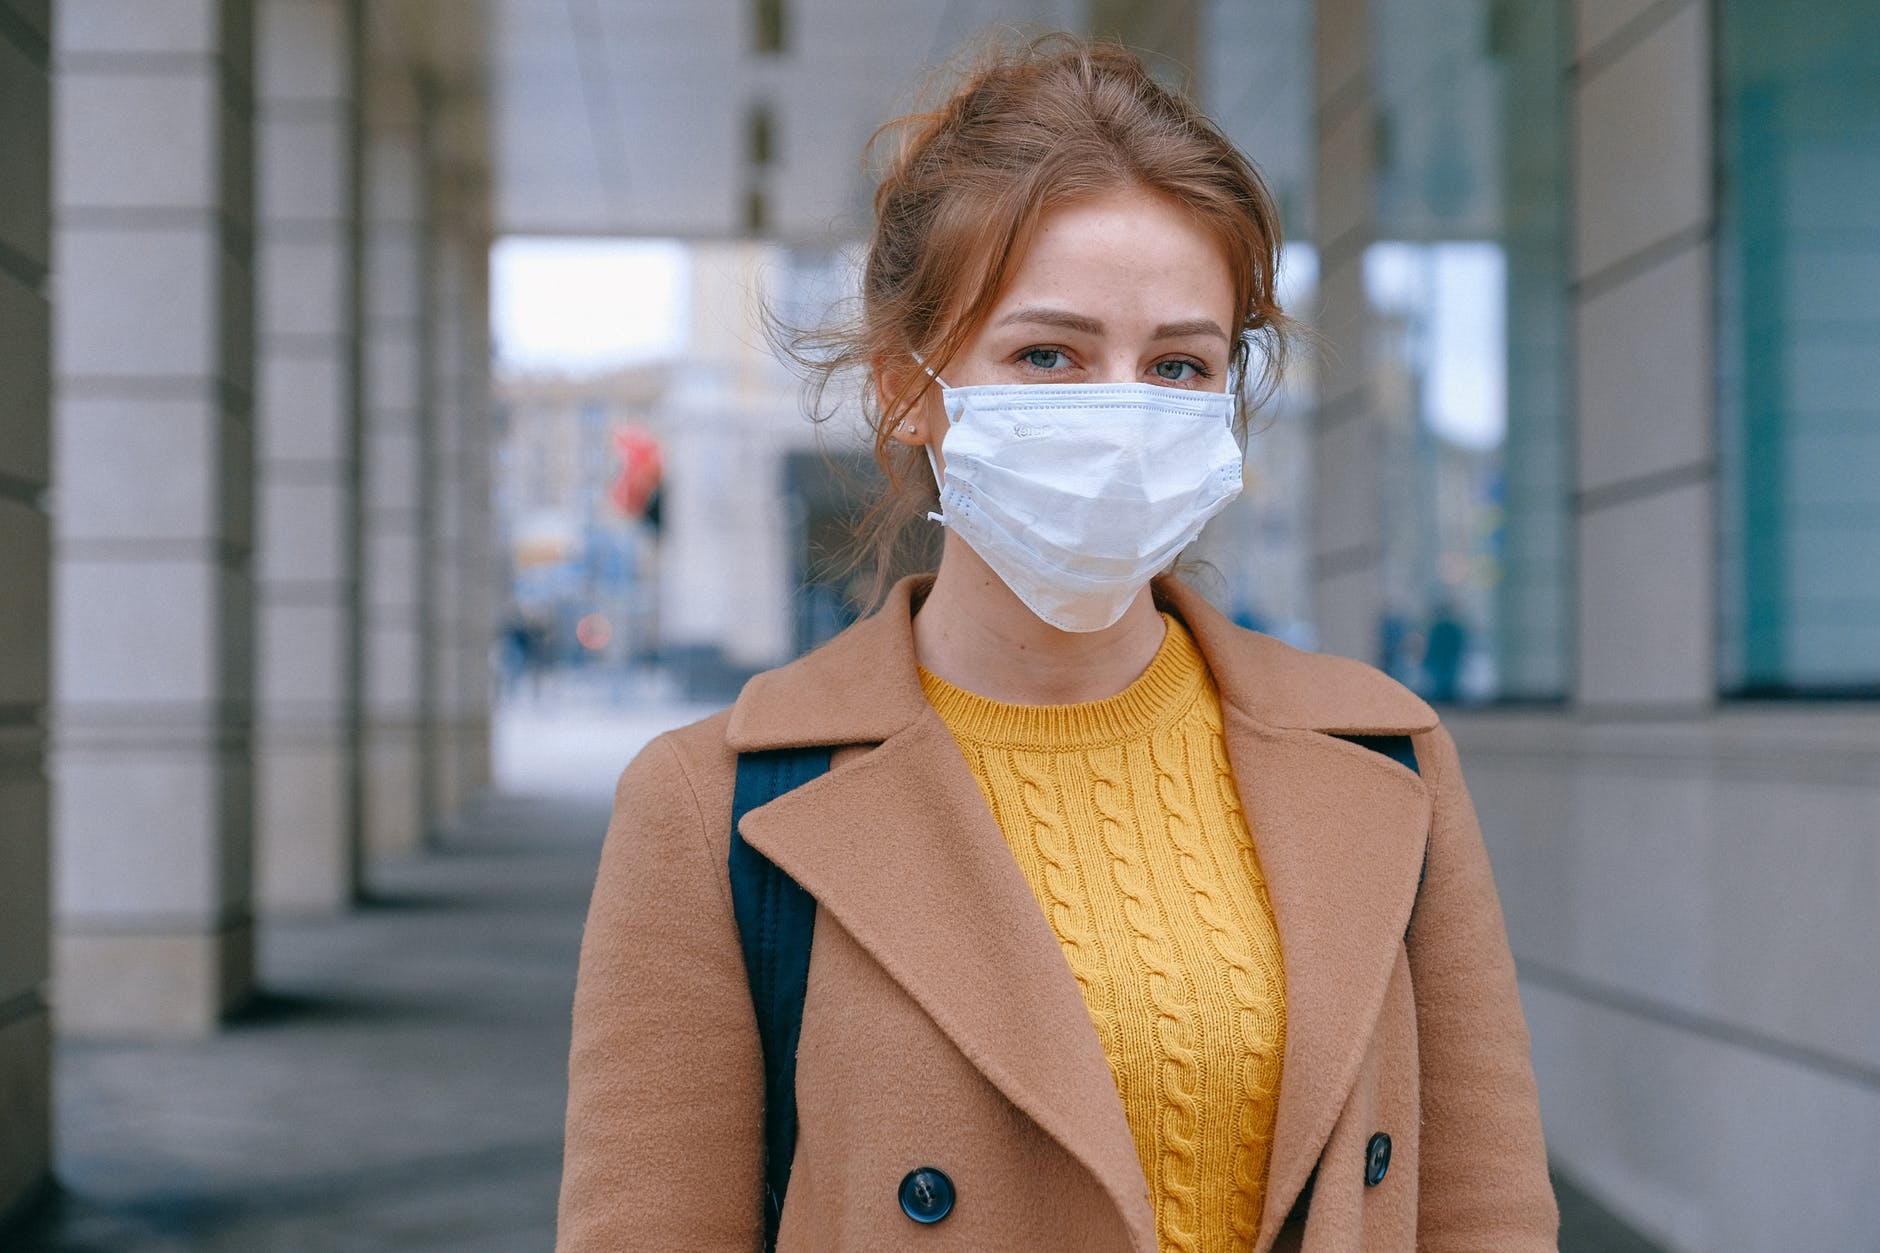 COVID-19 : tout savoir sur les masques de protection contre le coronavirus